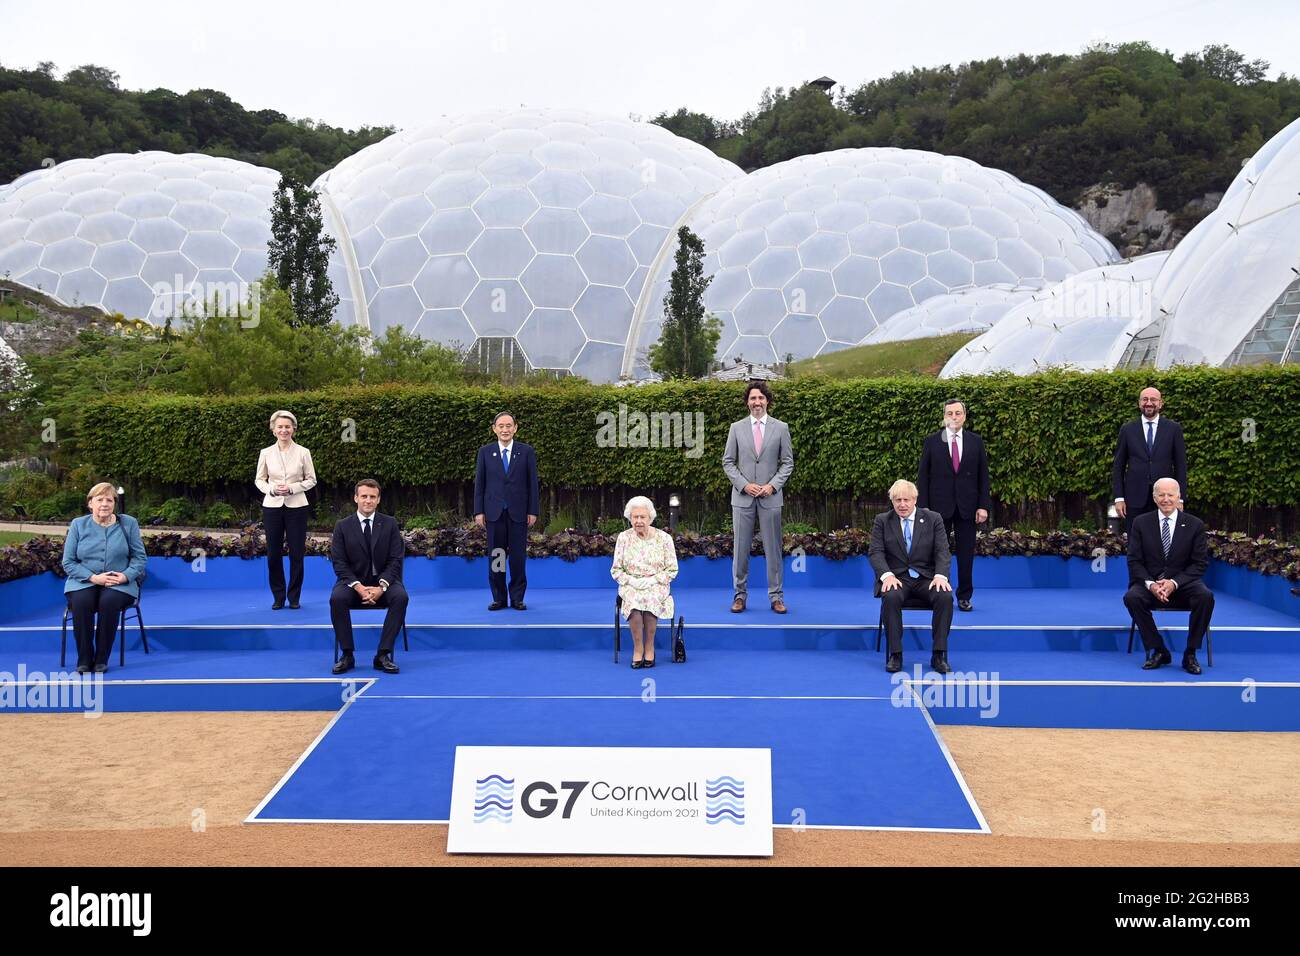 Königin Elizabeth II. Posiert mit den G7-Führern (hintere Reihe L bis R), der Präsidentin der Europäischen Kommission Ursula von der Leyen, dem japanischen Premierminister Yoshihihide Suga, dem kanadischen Premierminister Justin Trudeau, dem italienischen Premierminister Mario Draghi, dem Präsidenten des Europäischen Rates Charles Michel (vordere Reihe von links nach rechts) Bundeskanzlerin Angela Merkel, der französische Präsident Emmanuel Macron, der britische Premierminister Boris Johnson und der US-Präsident Joe Biden vor einem Empfang beim Eden-Projekt am 11. Juni 2021 während des G7-Gipfels in Cornwall, Großbritannien. Foto von Karwai Tang/G7 Cornwall 2021/UPI Stockfoto